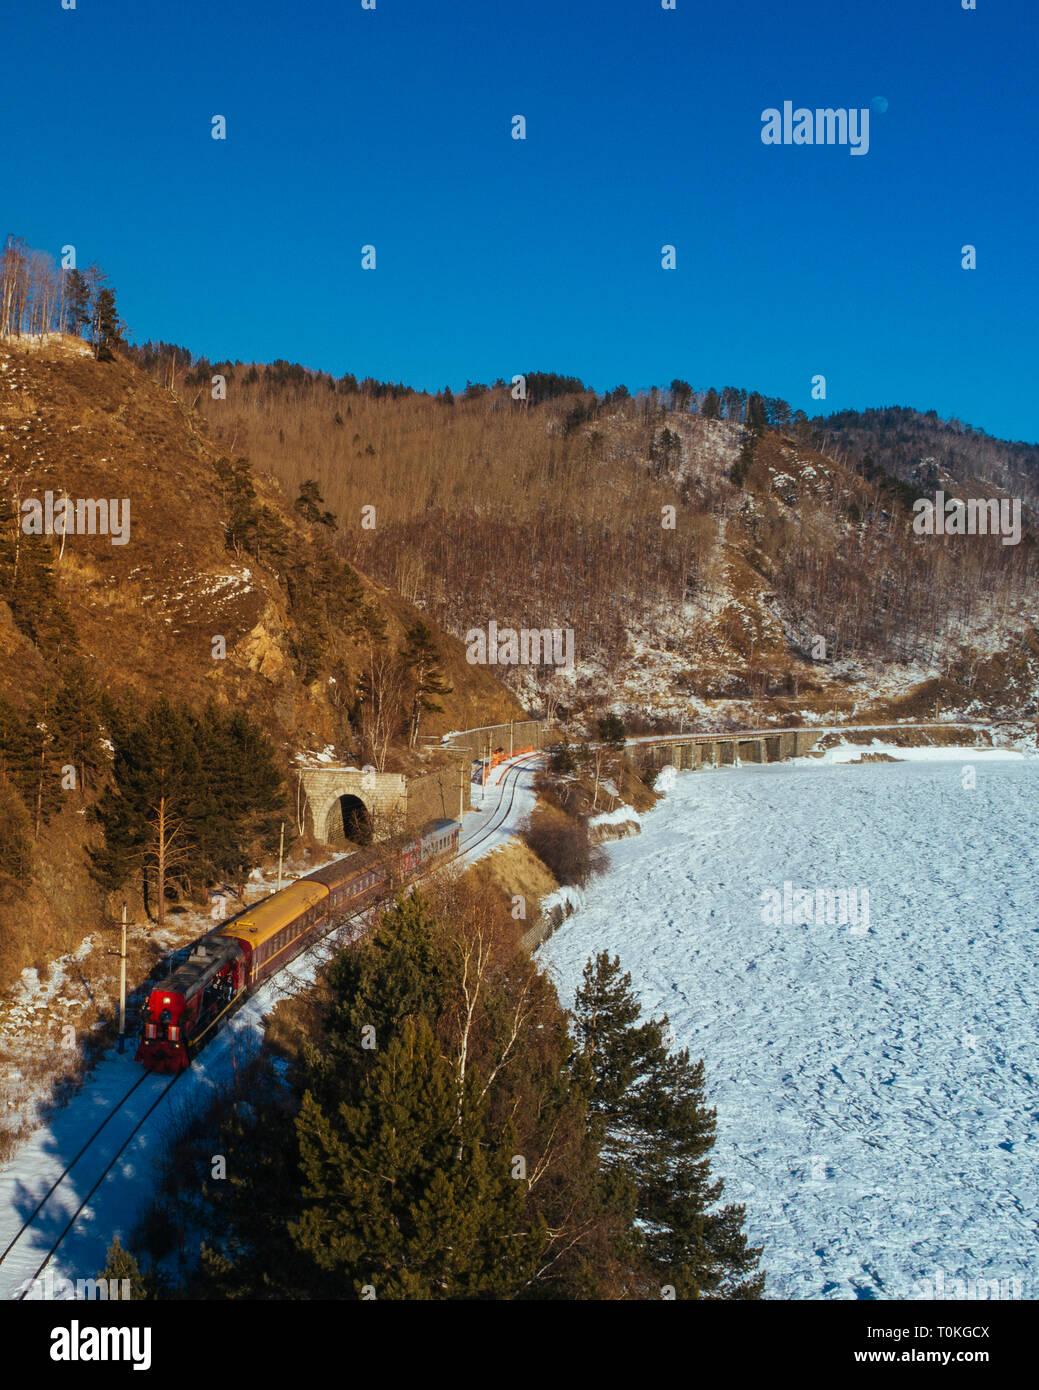 Chemin de fer transsibérien, au lac Baïkal, Russie Banque D'Images